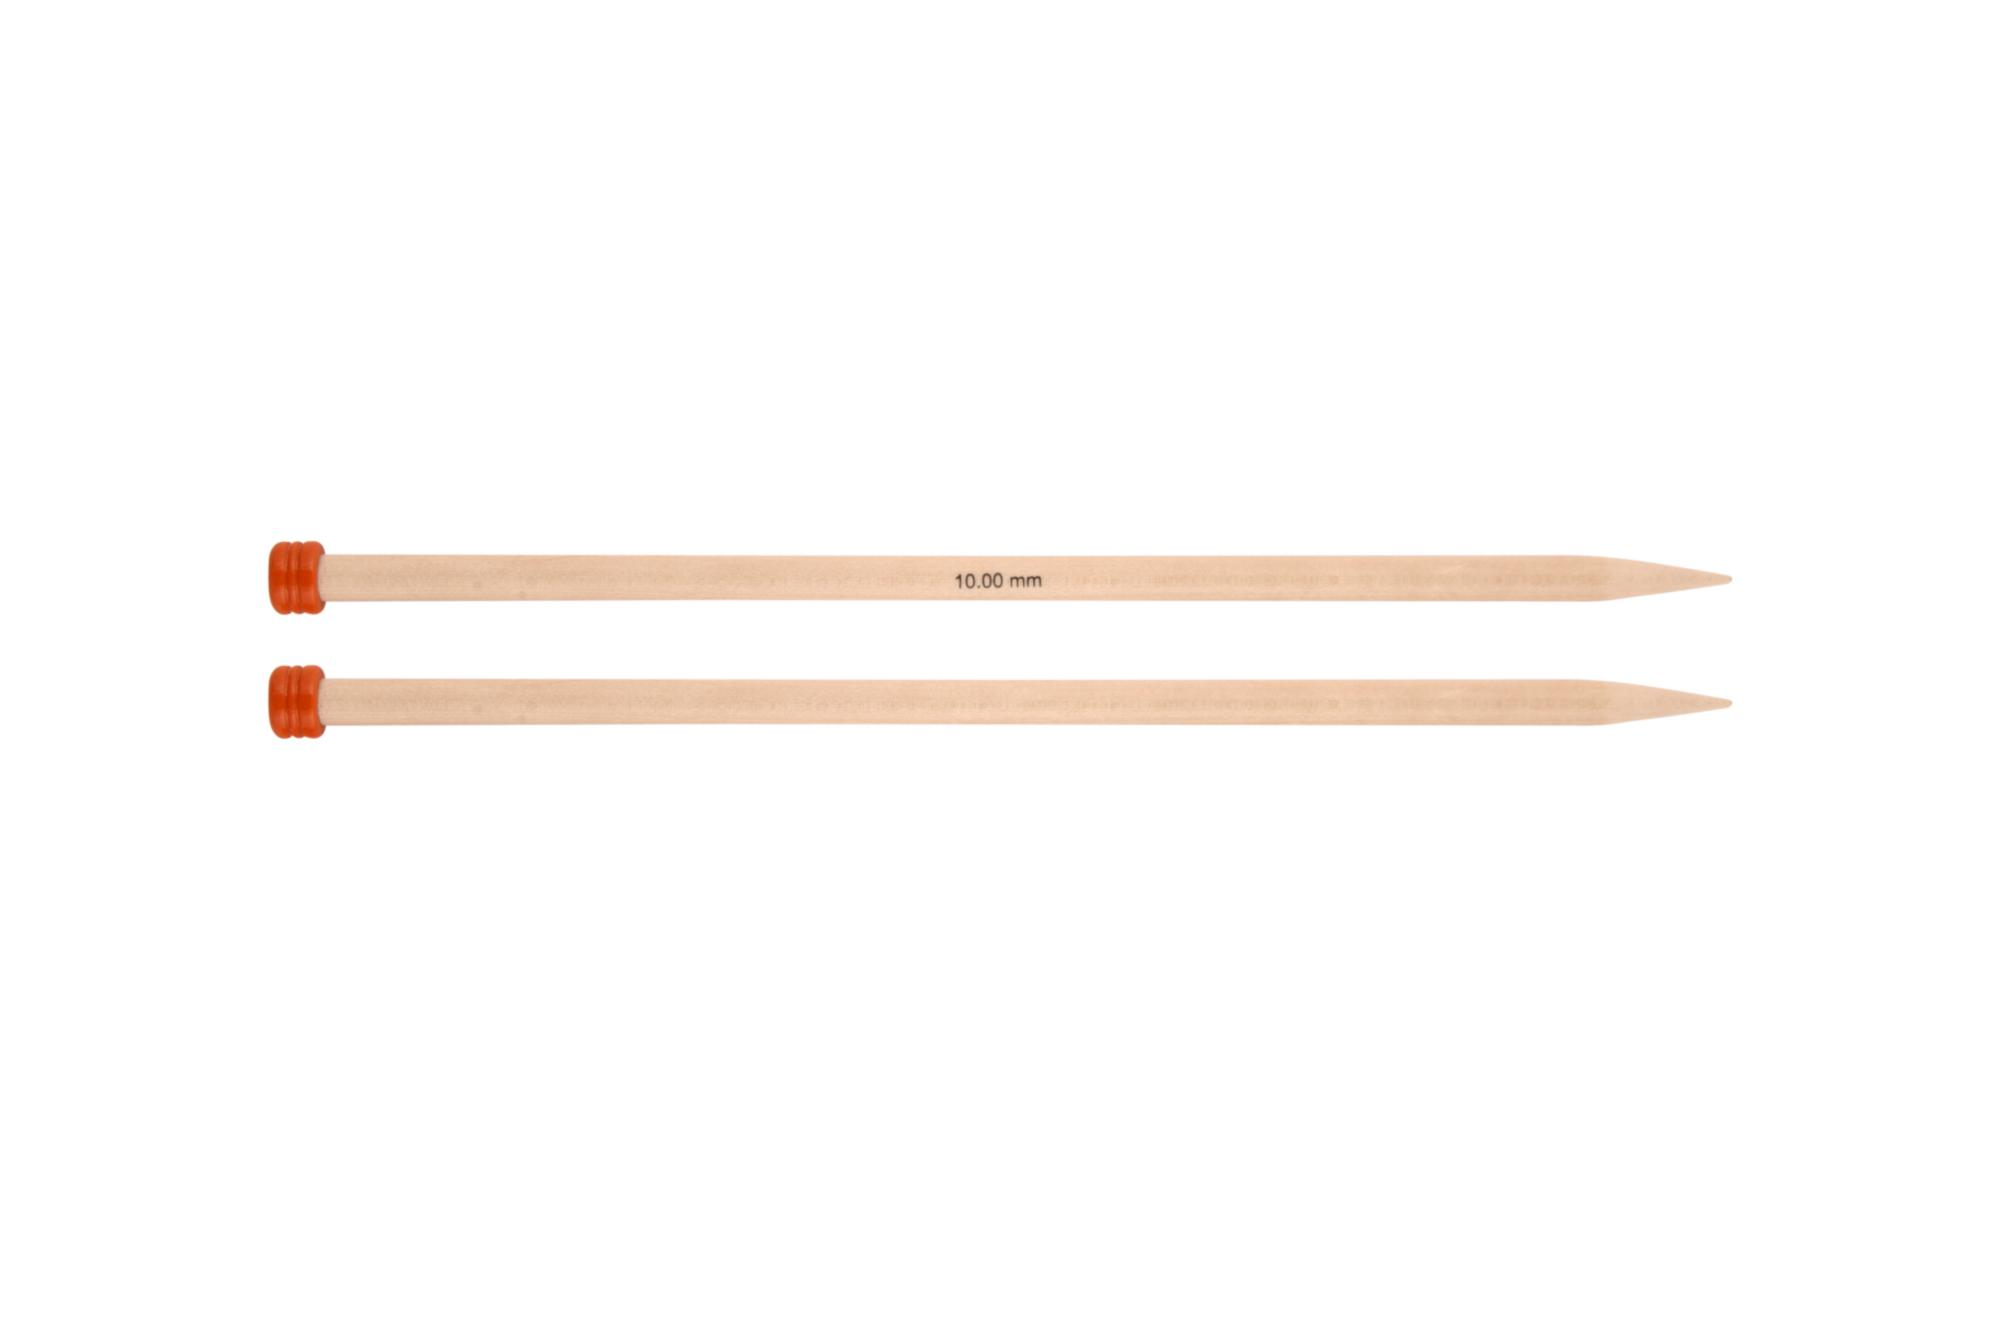 Спицы прямые 40 см Basix Birch Wood KnitPro, 35288, 12.00 мм